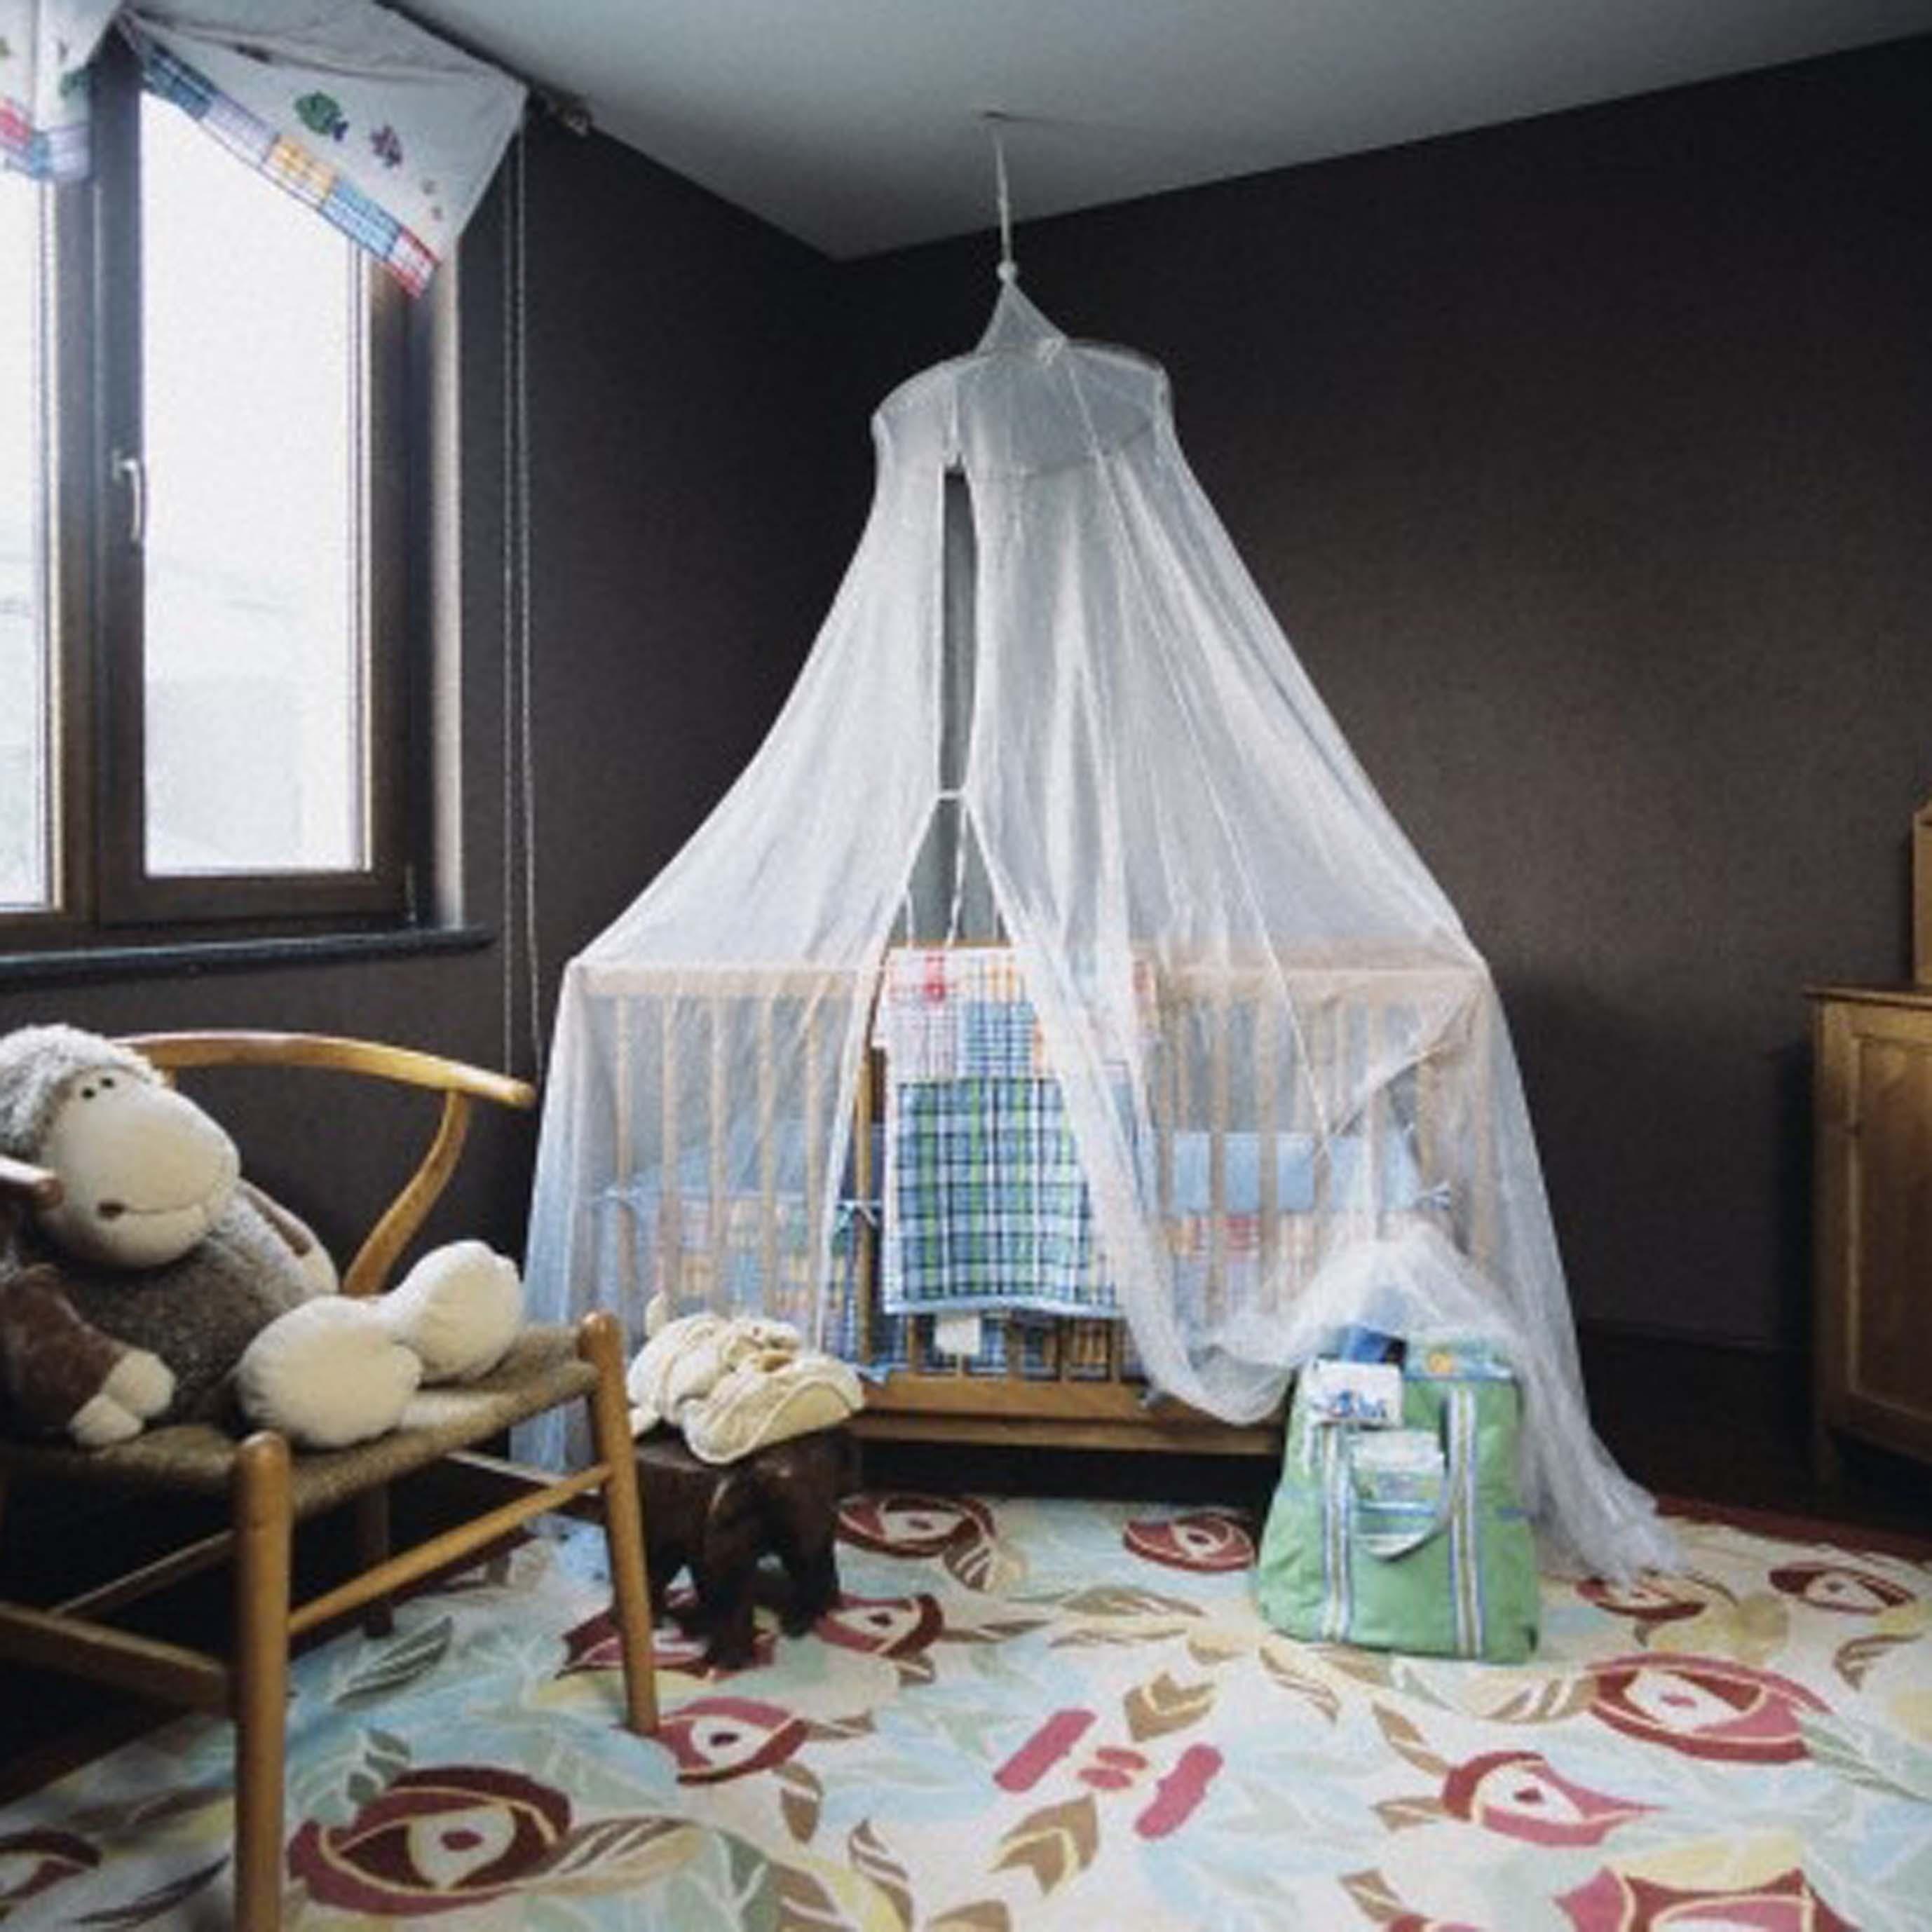 Балдахин над детской кроватью сделать своими руками 19